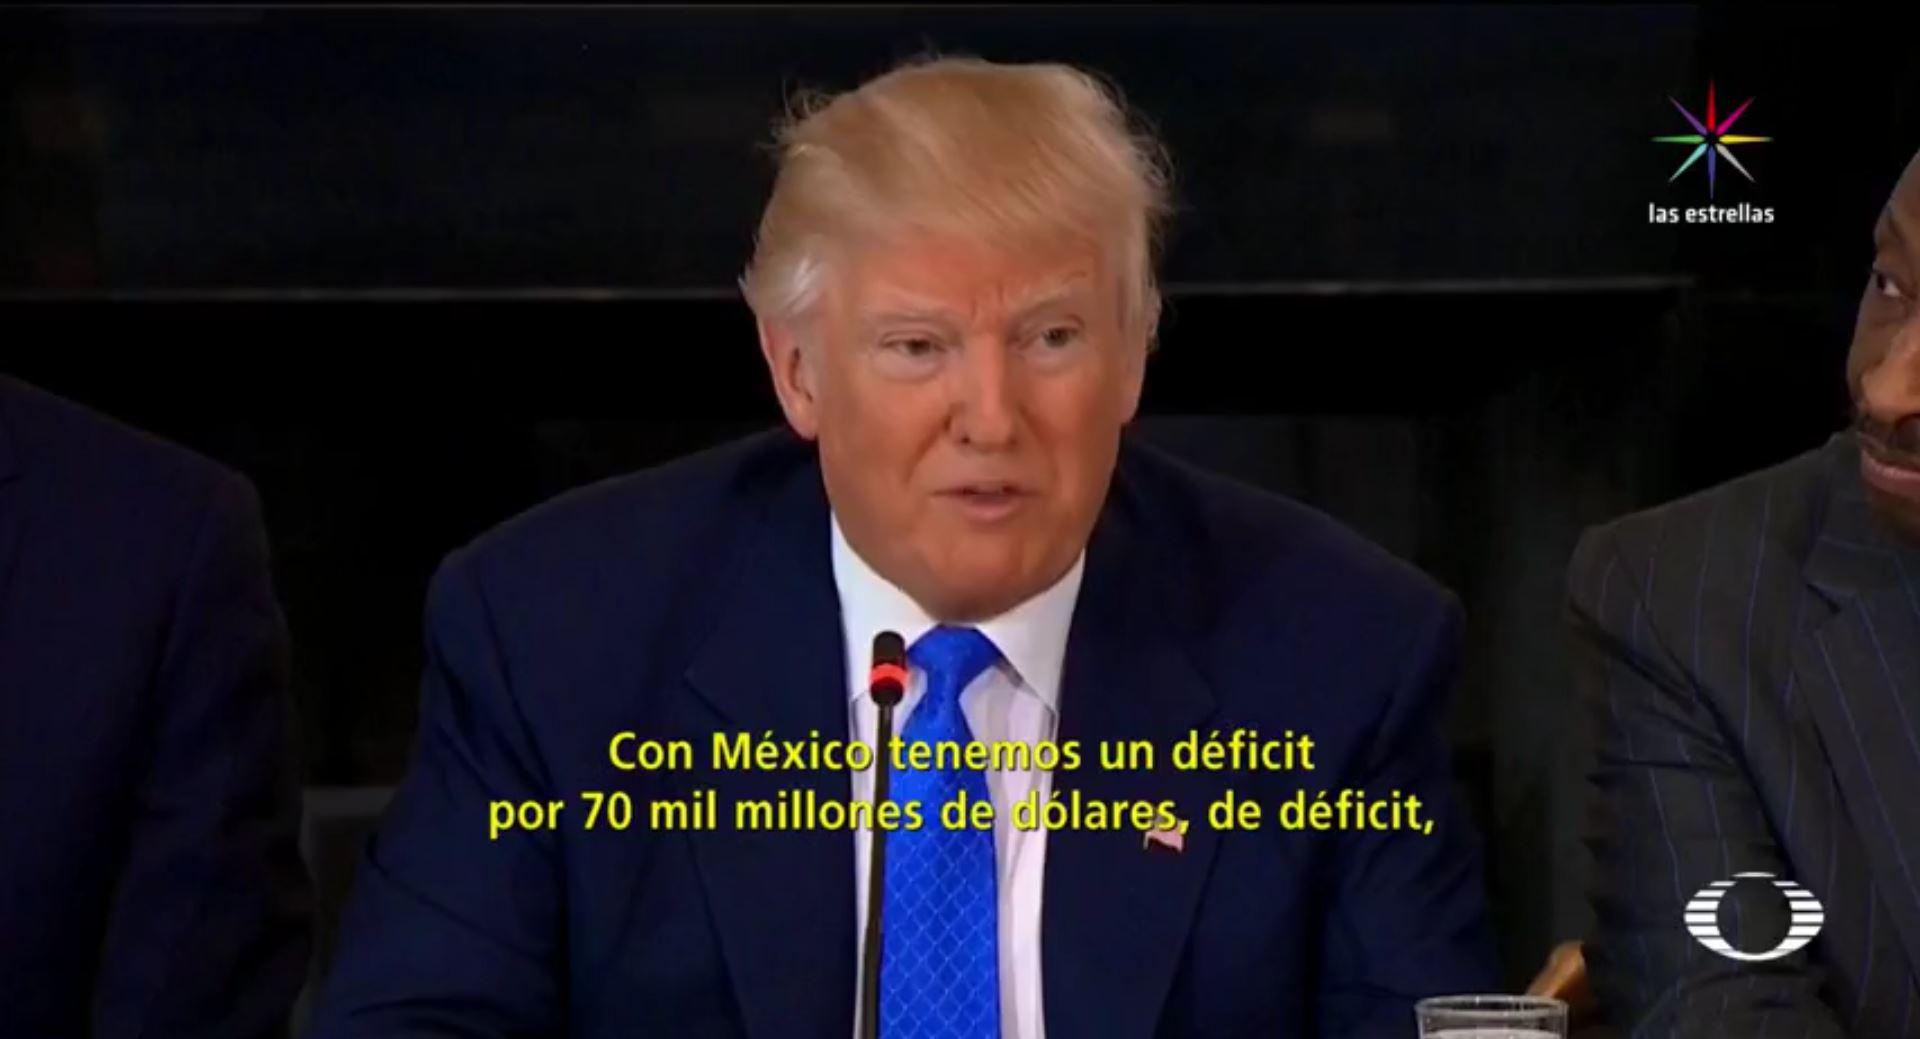 Trump habla de operación militar en la frontera, sus funcionarios lo corrigen